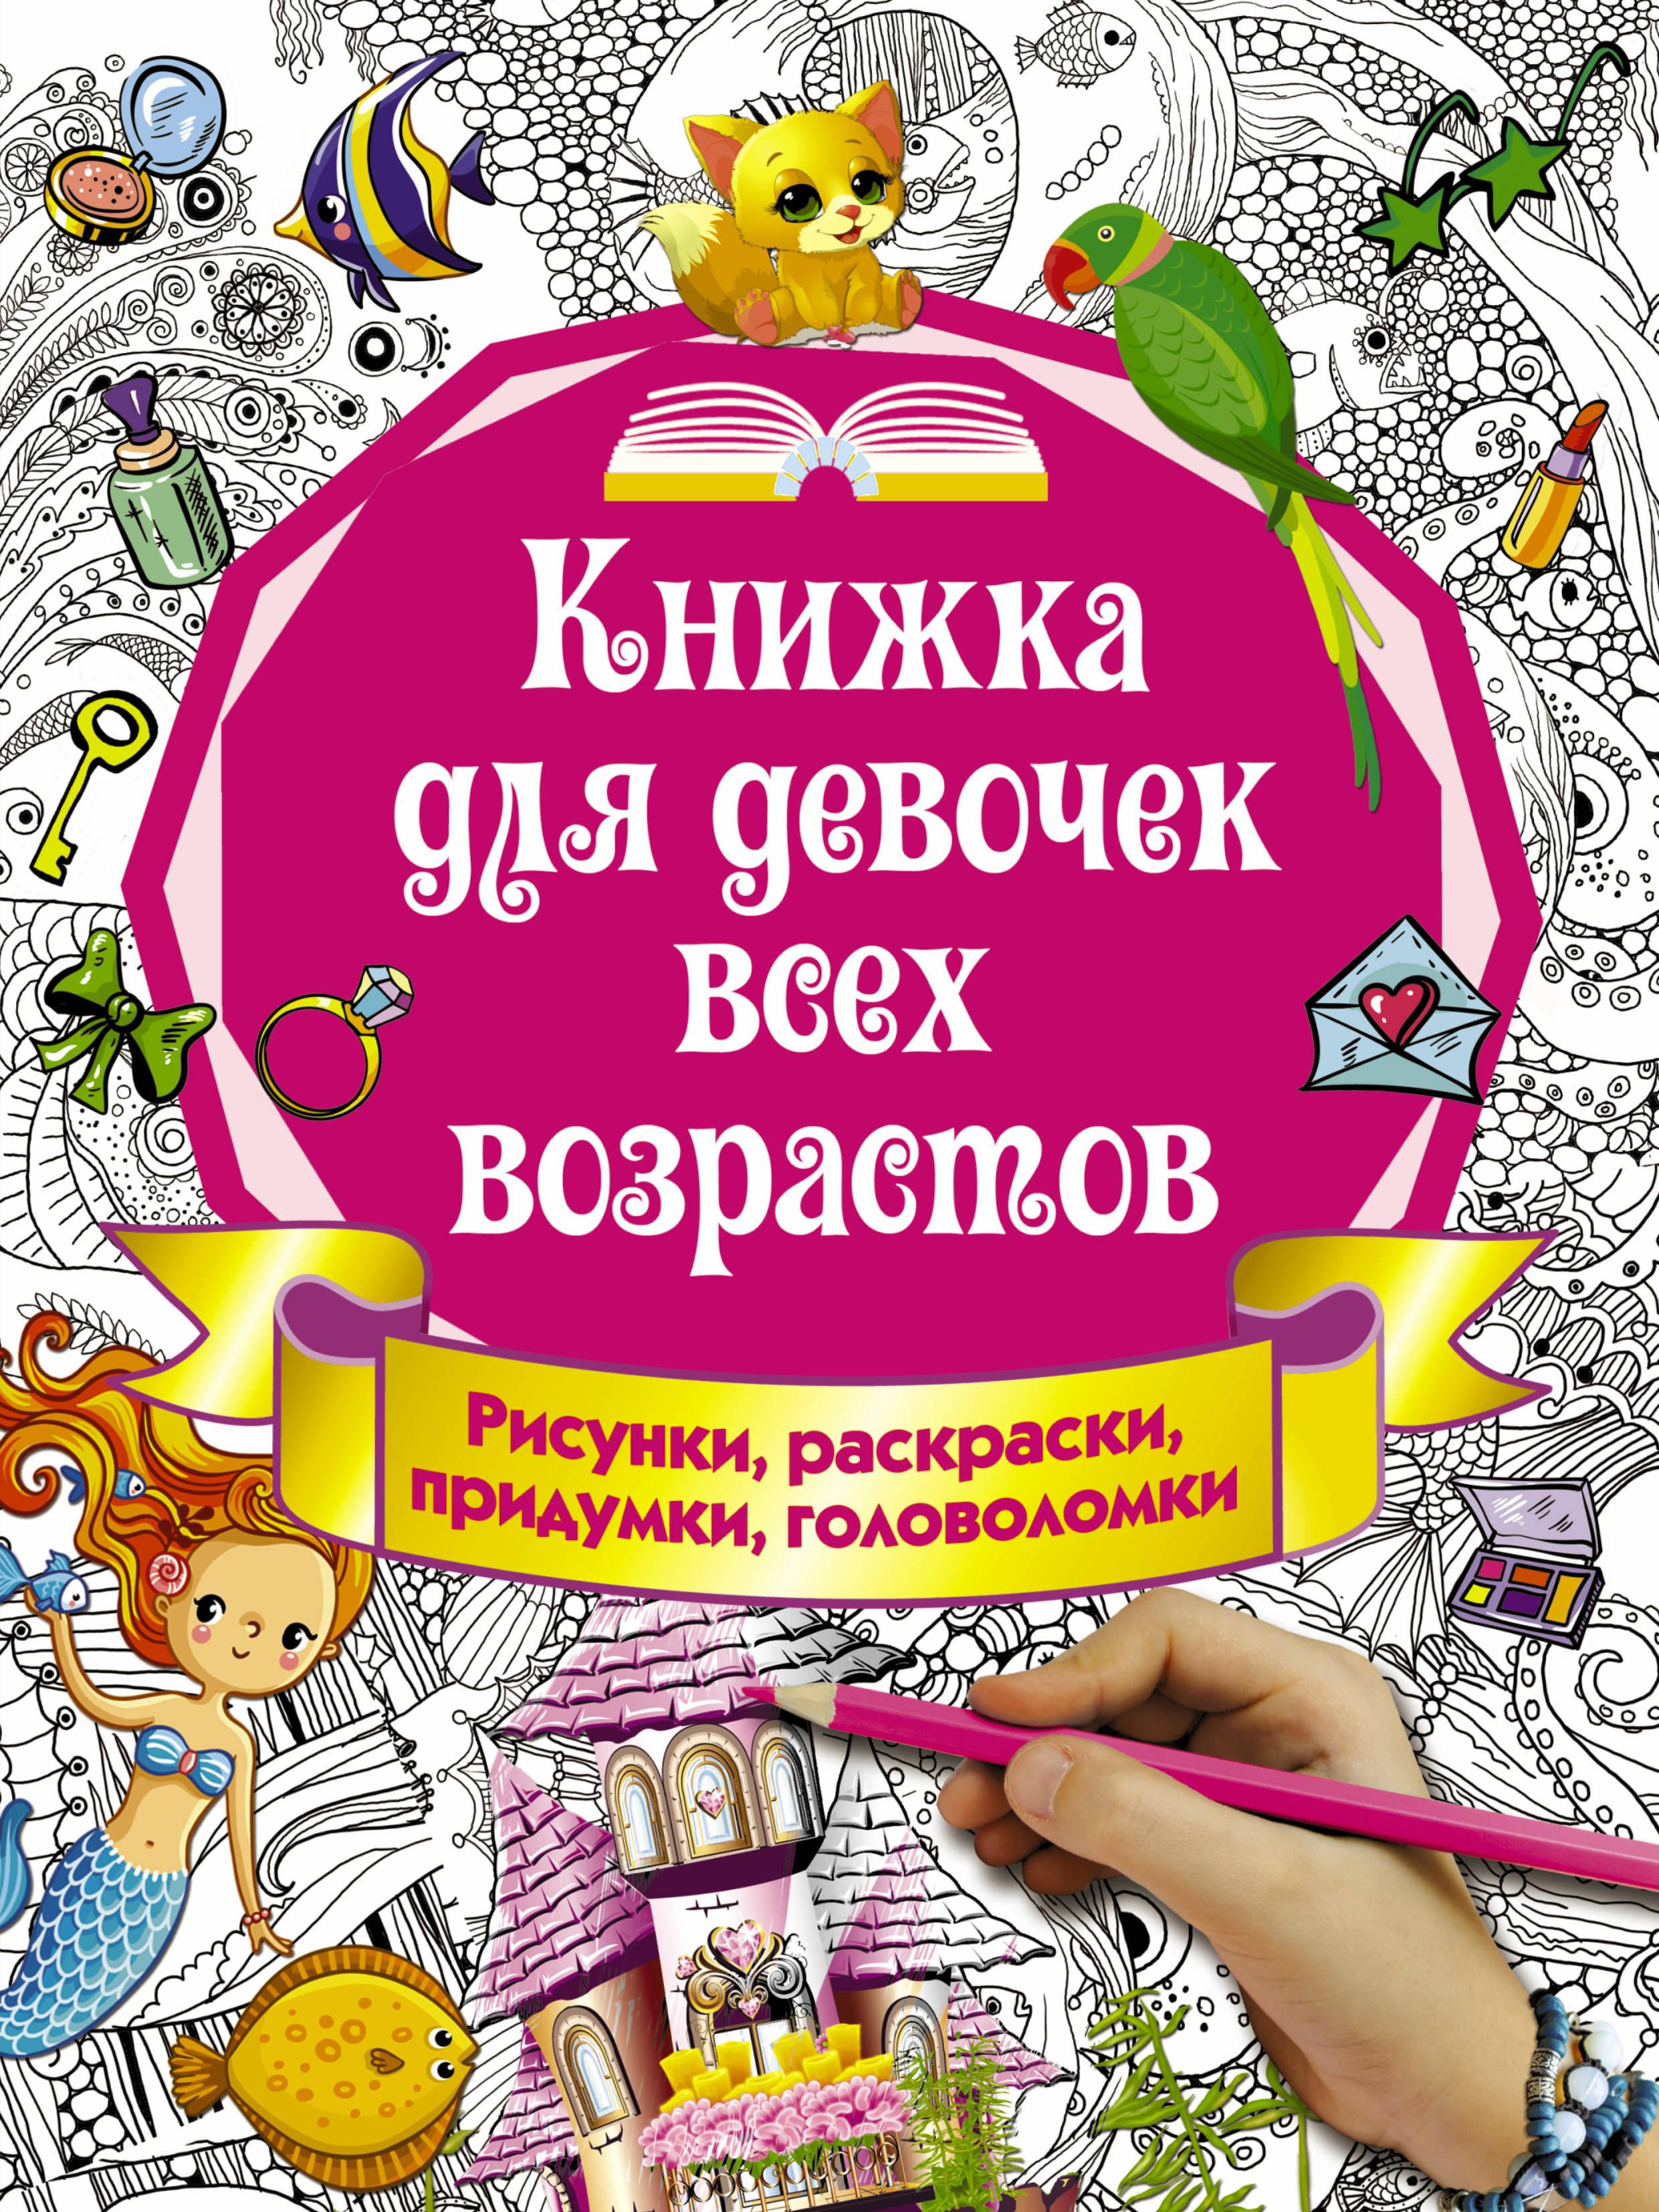 И. Горбунова Книжка для девочек всех возрастов. Рисунки, раскраски, придумки и горбунова книжка для девочек всех возрастов рисунки раскраски придумки